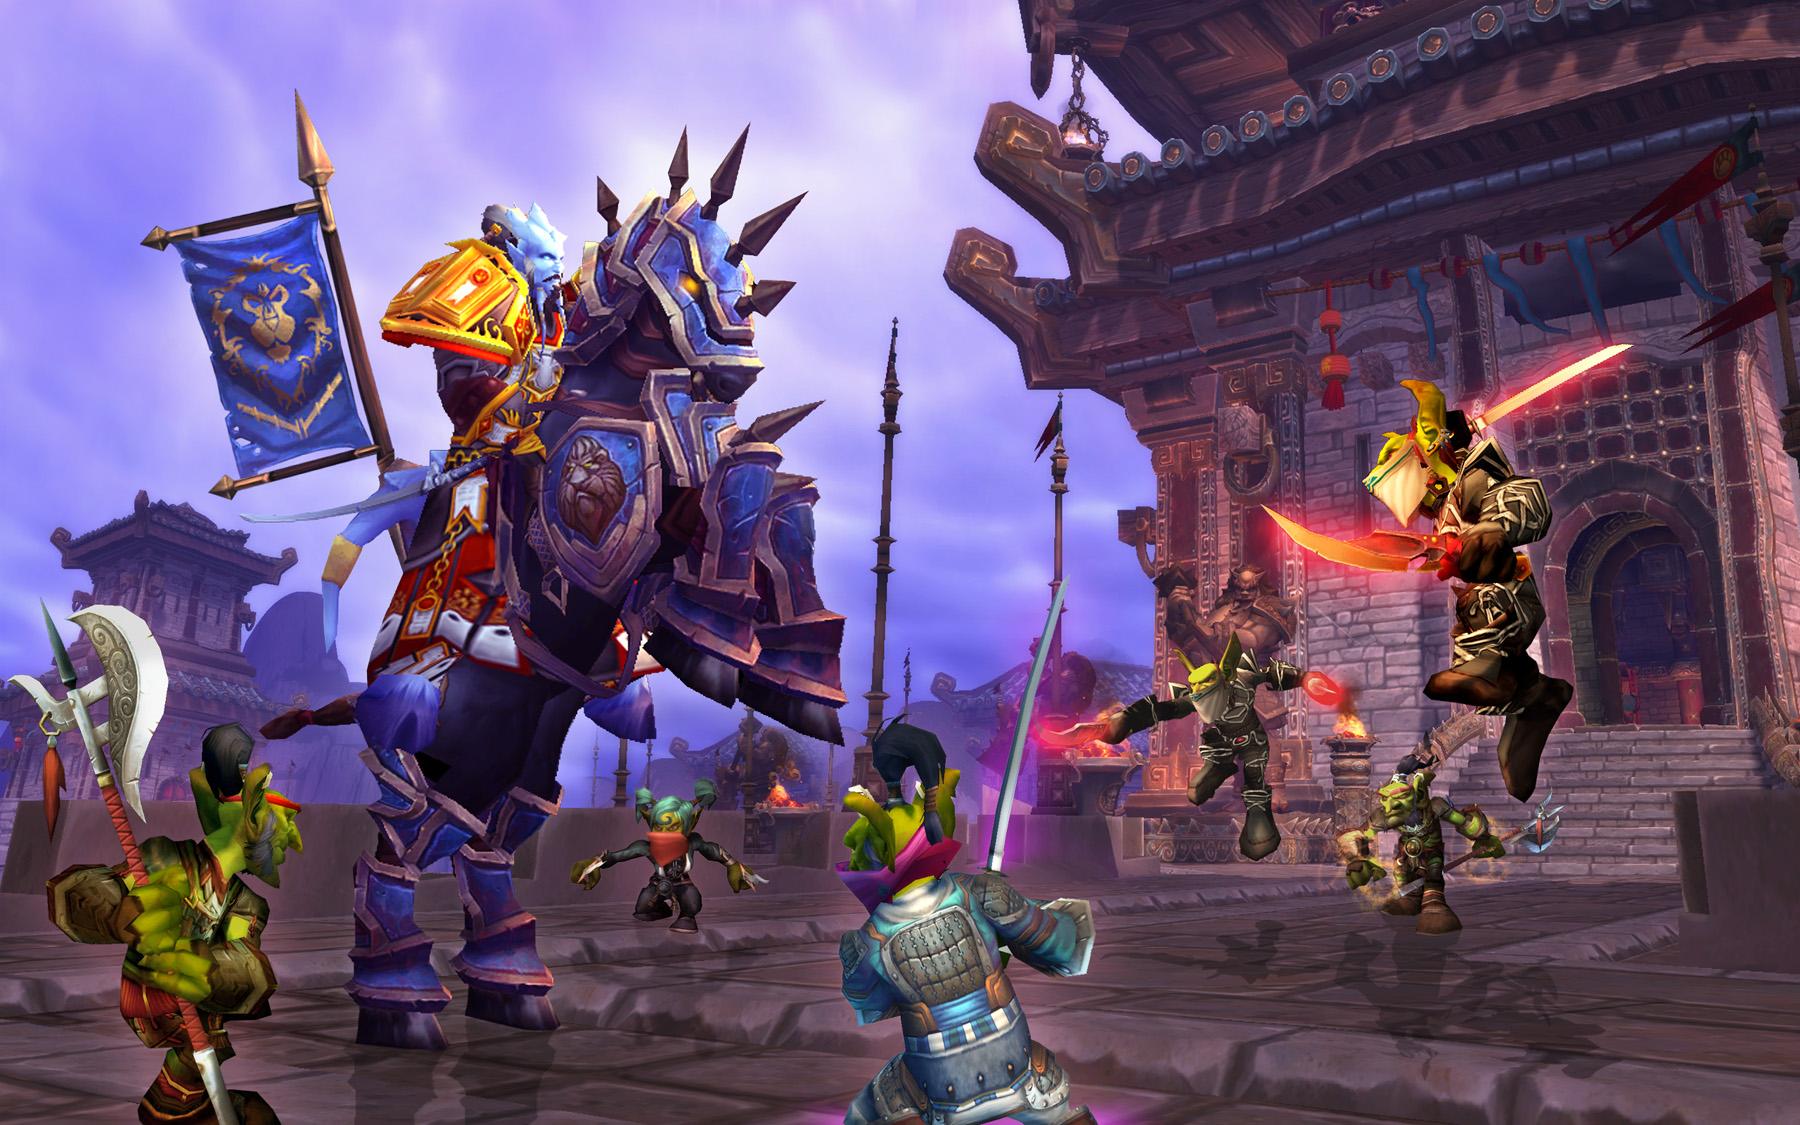 Même un clone limité de World of Warcraft demanderait des ressources considérables.